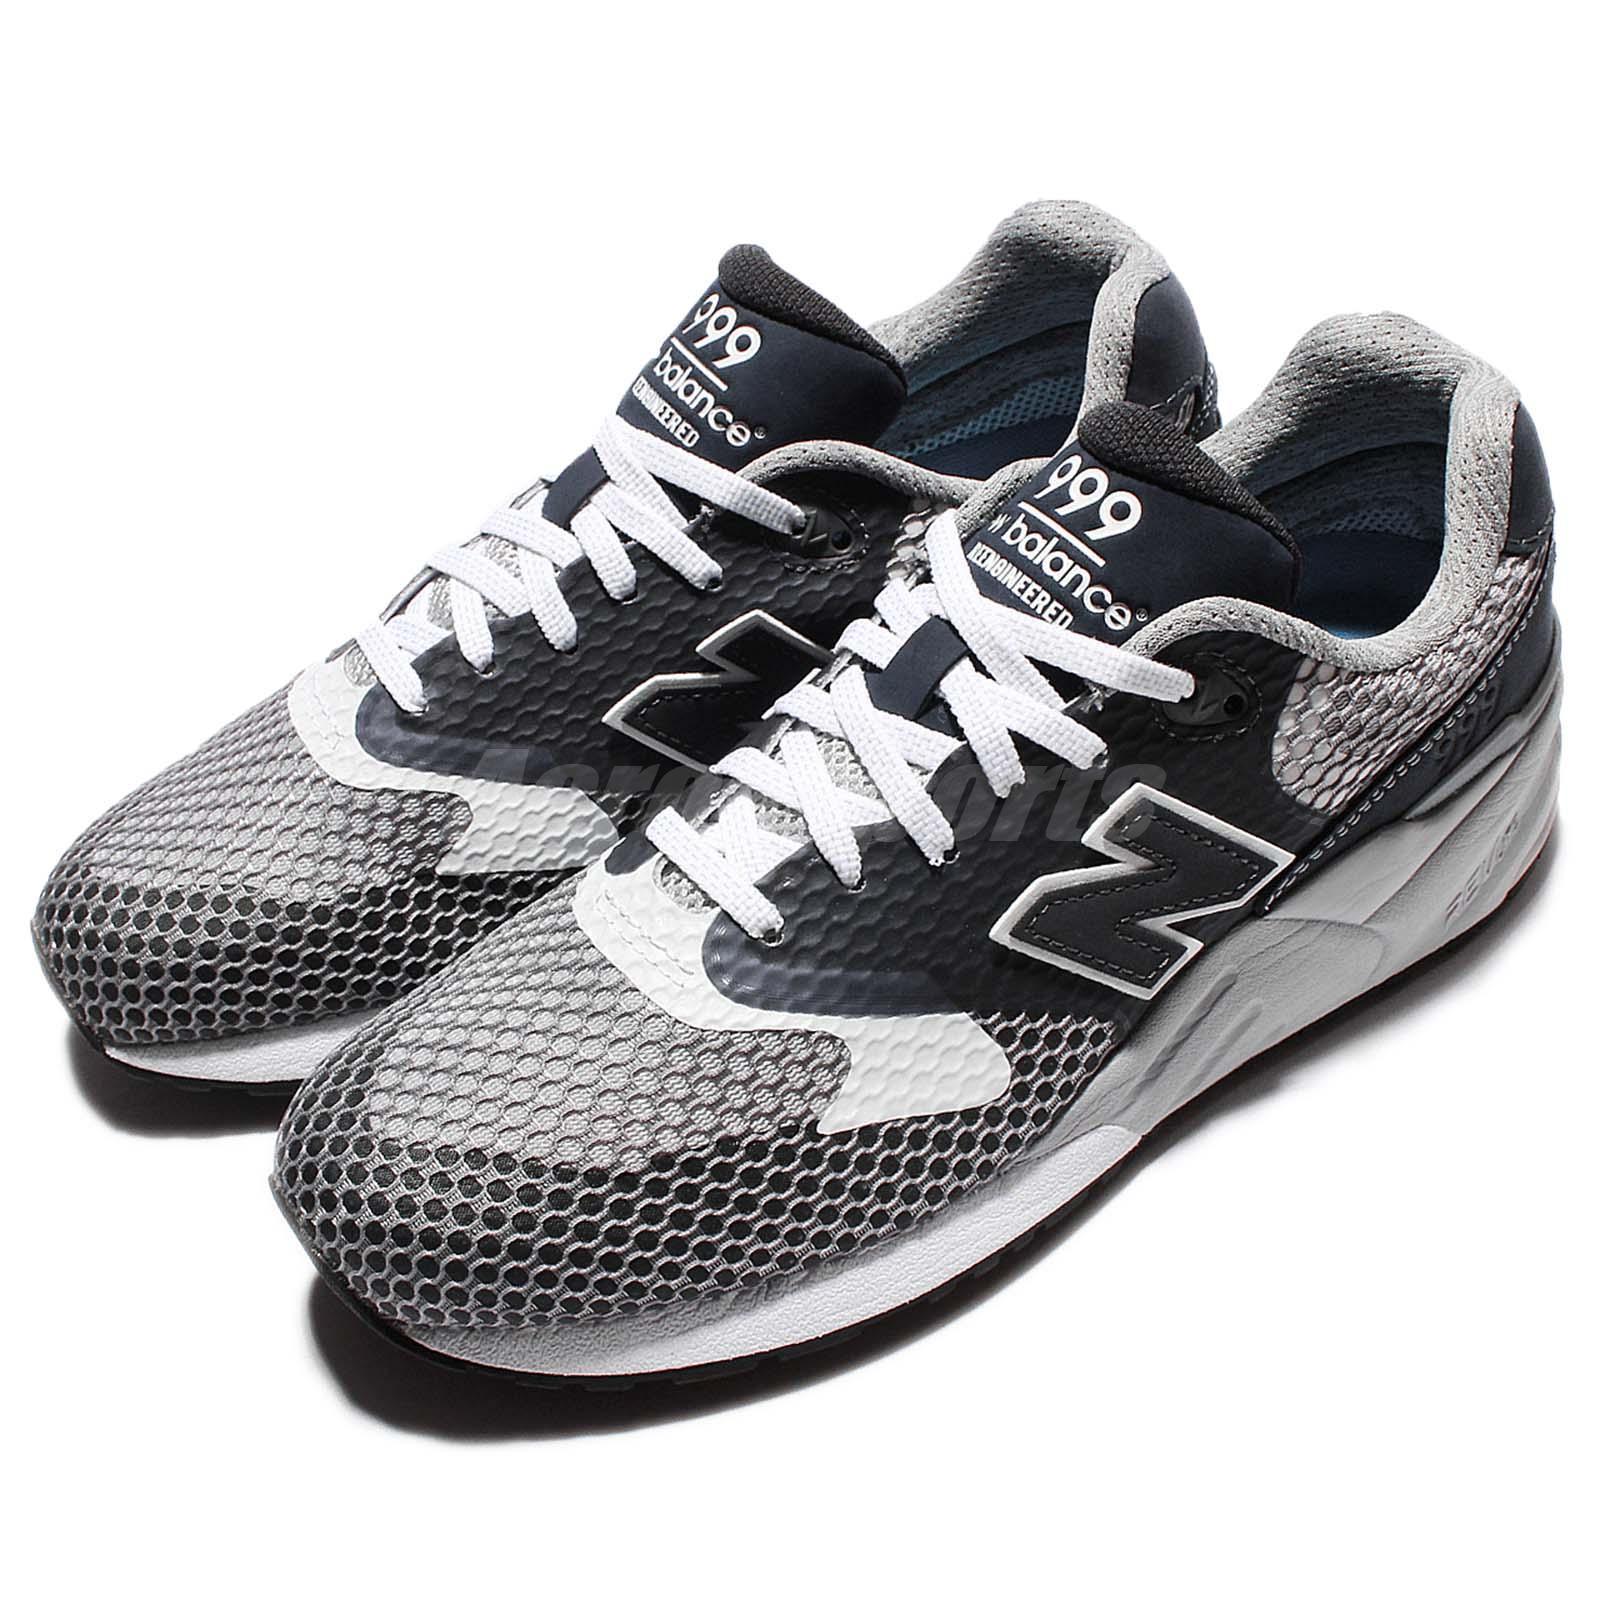 999 shoes